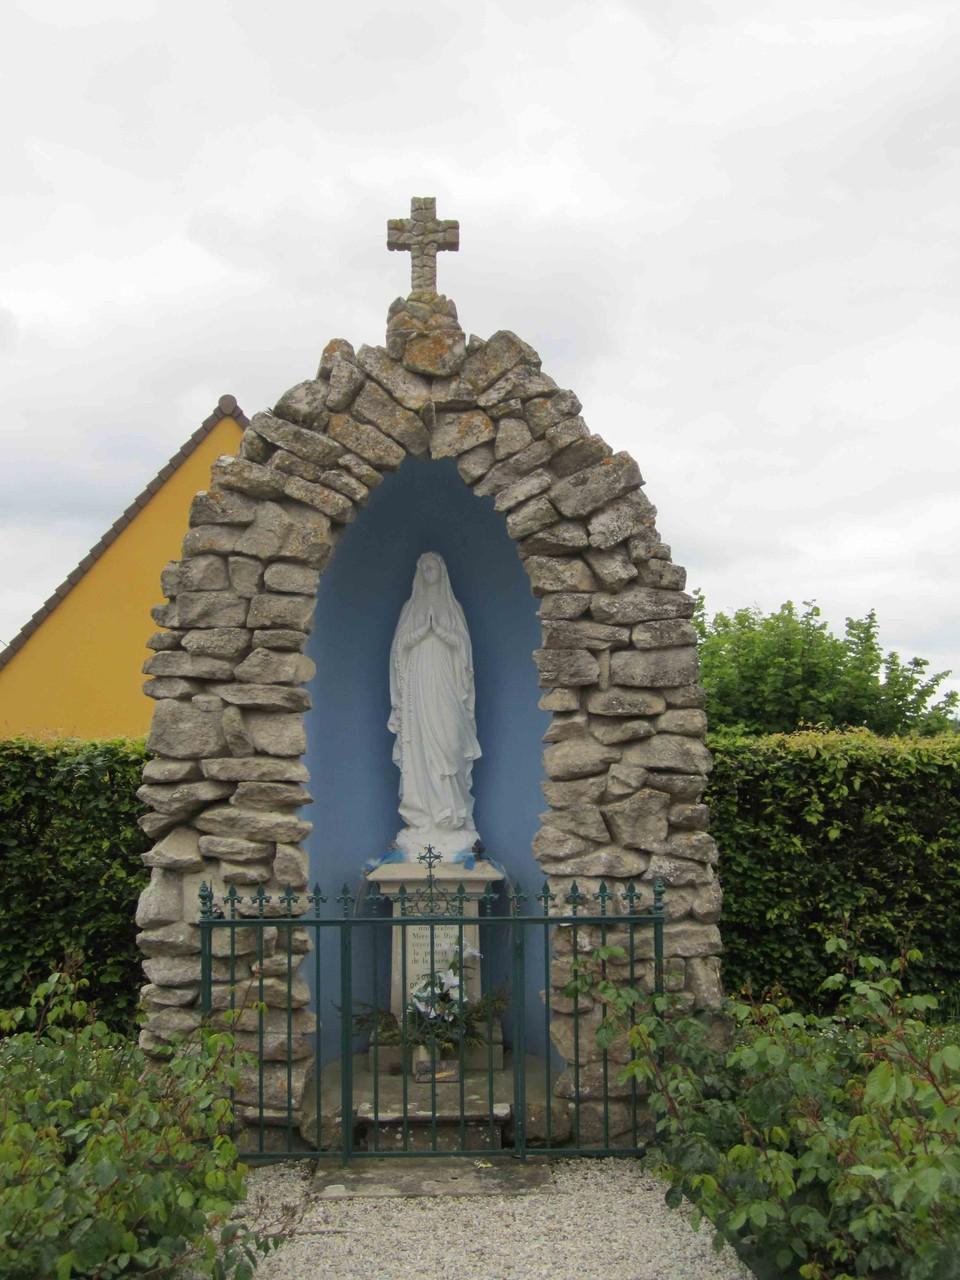 Grotte à Notre-Dame de Lourdes